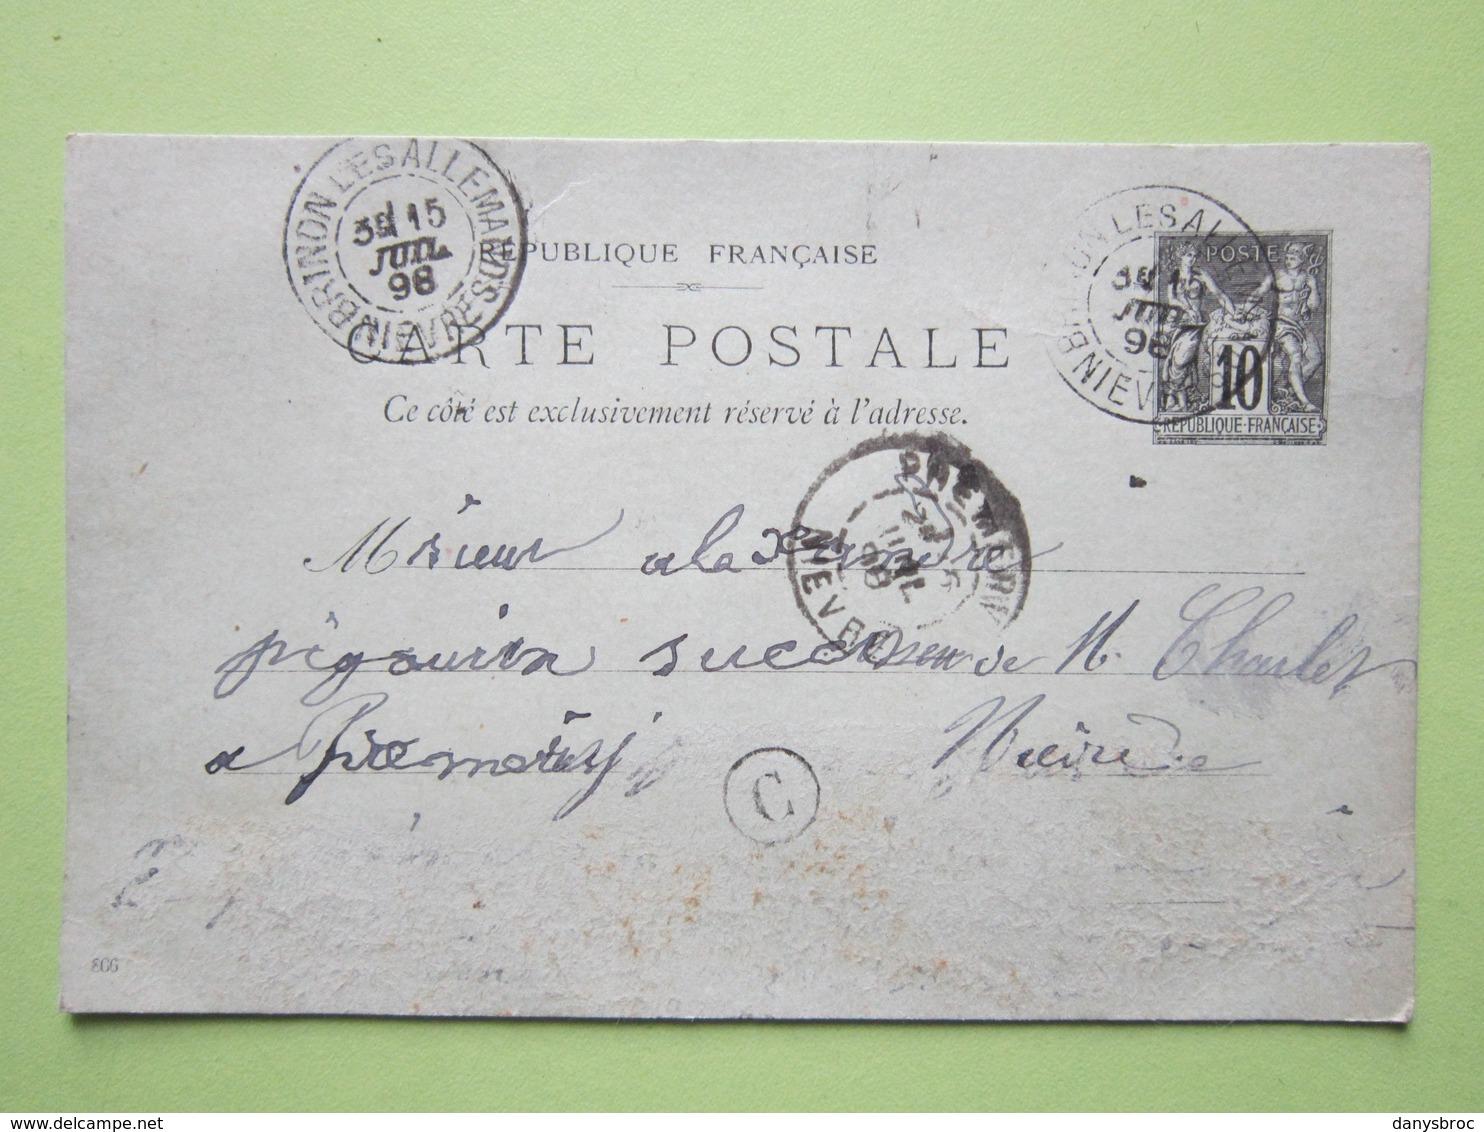 Carte Postale écrite à BUSSY-LA-PESLE, Oblitérée BRINON-LES-ALLEMANDS & PREMERY (58) 15/07/1898 Entier Sage Noir 10c - Marcofilie (Brieven)